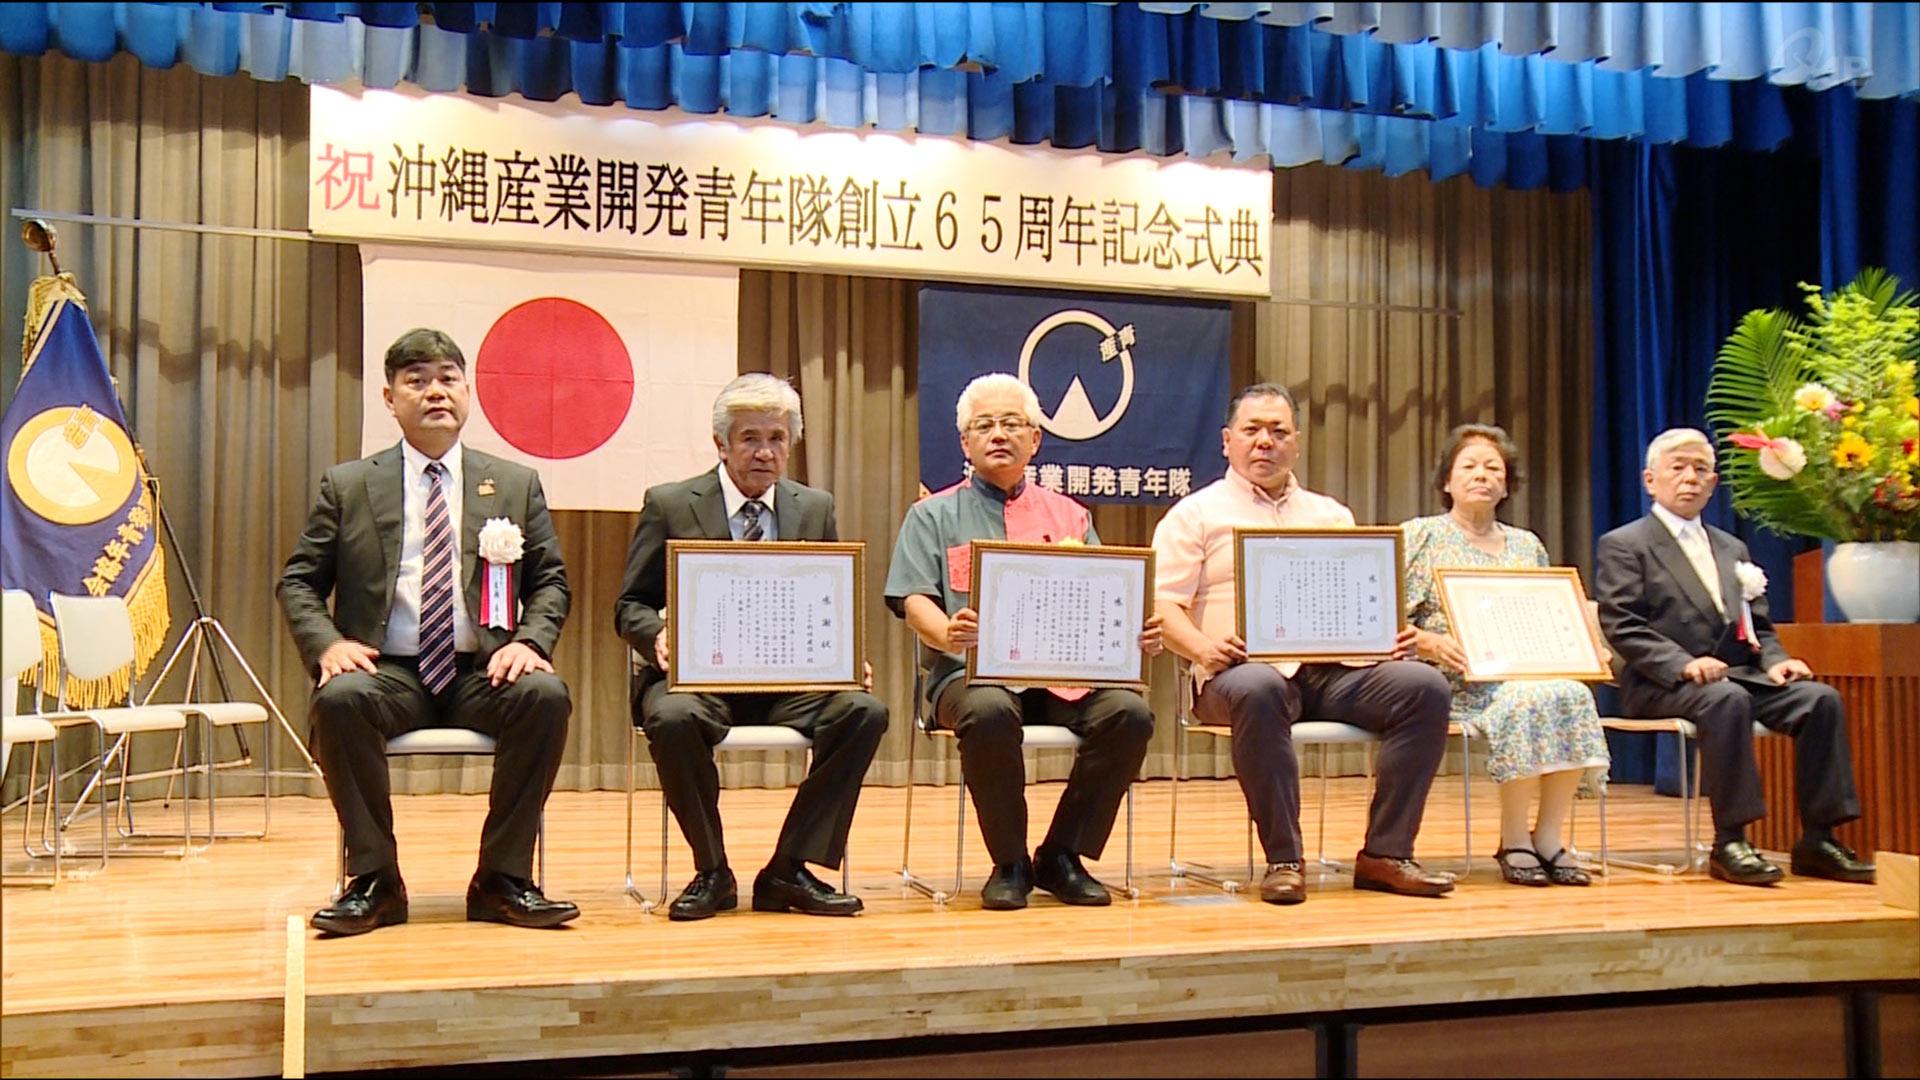 沖縄産業開発青年協会創立65周年